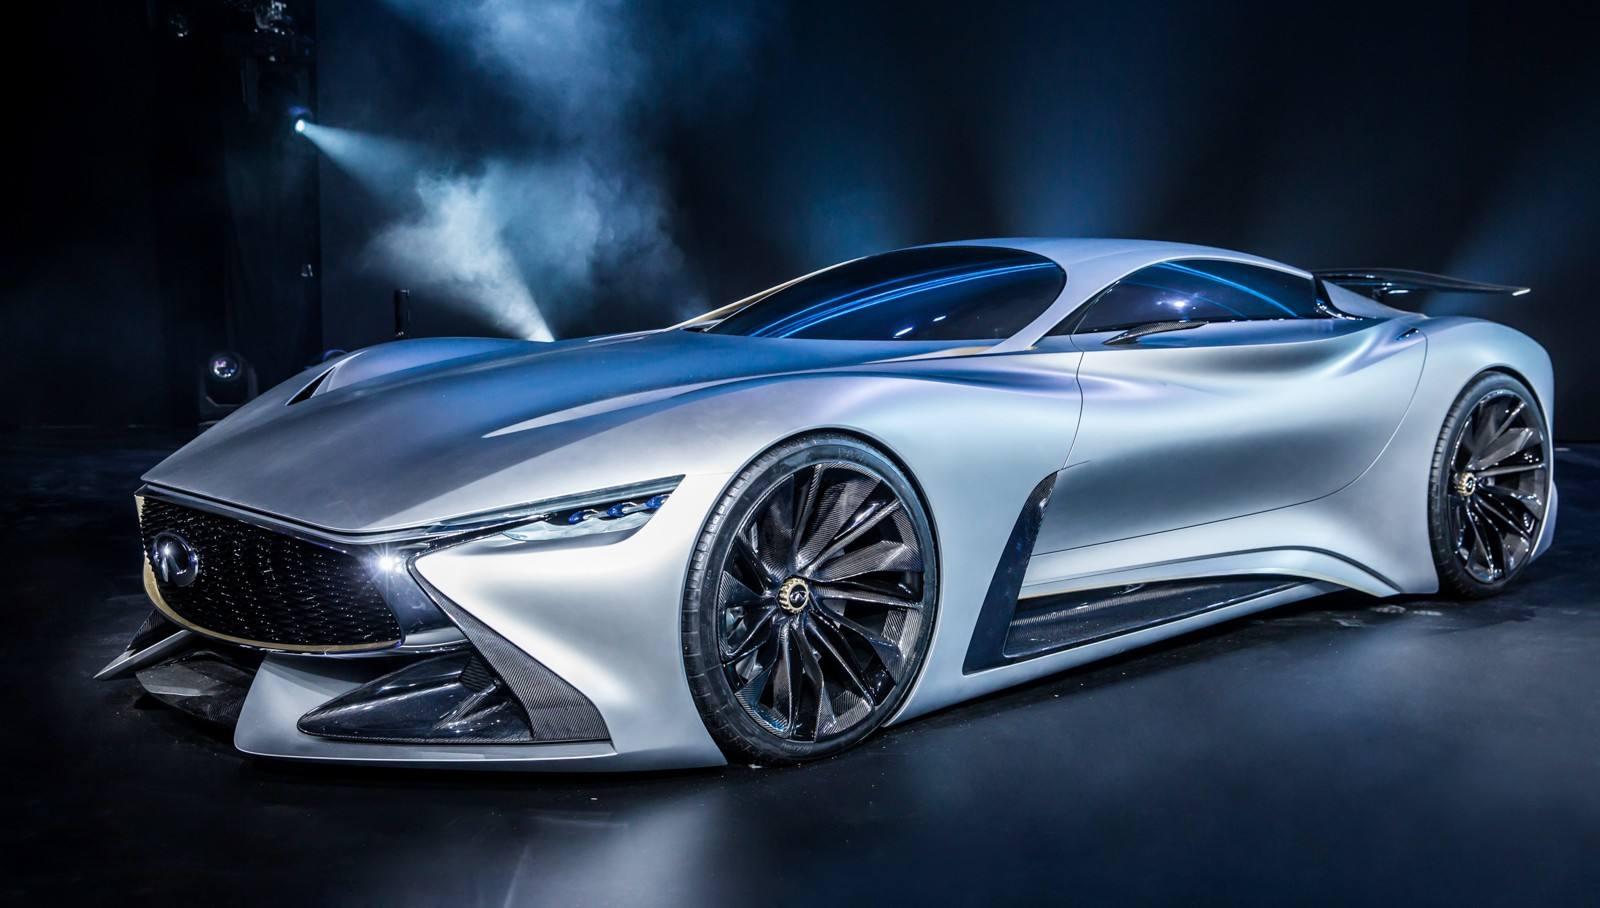 英菲尼迪发布高性能电动化概念车预告 将亮相圆石滩车